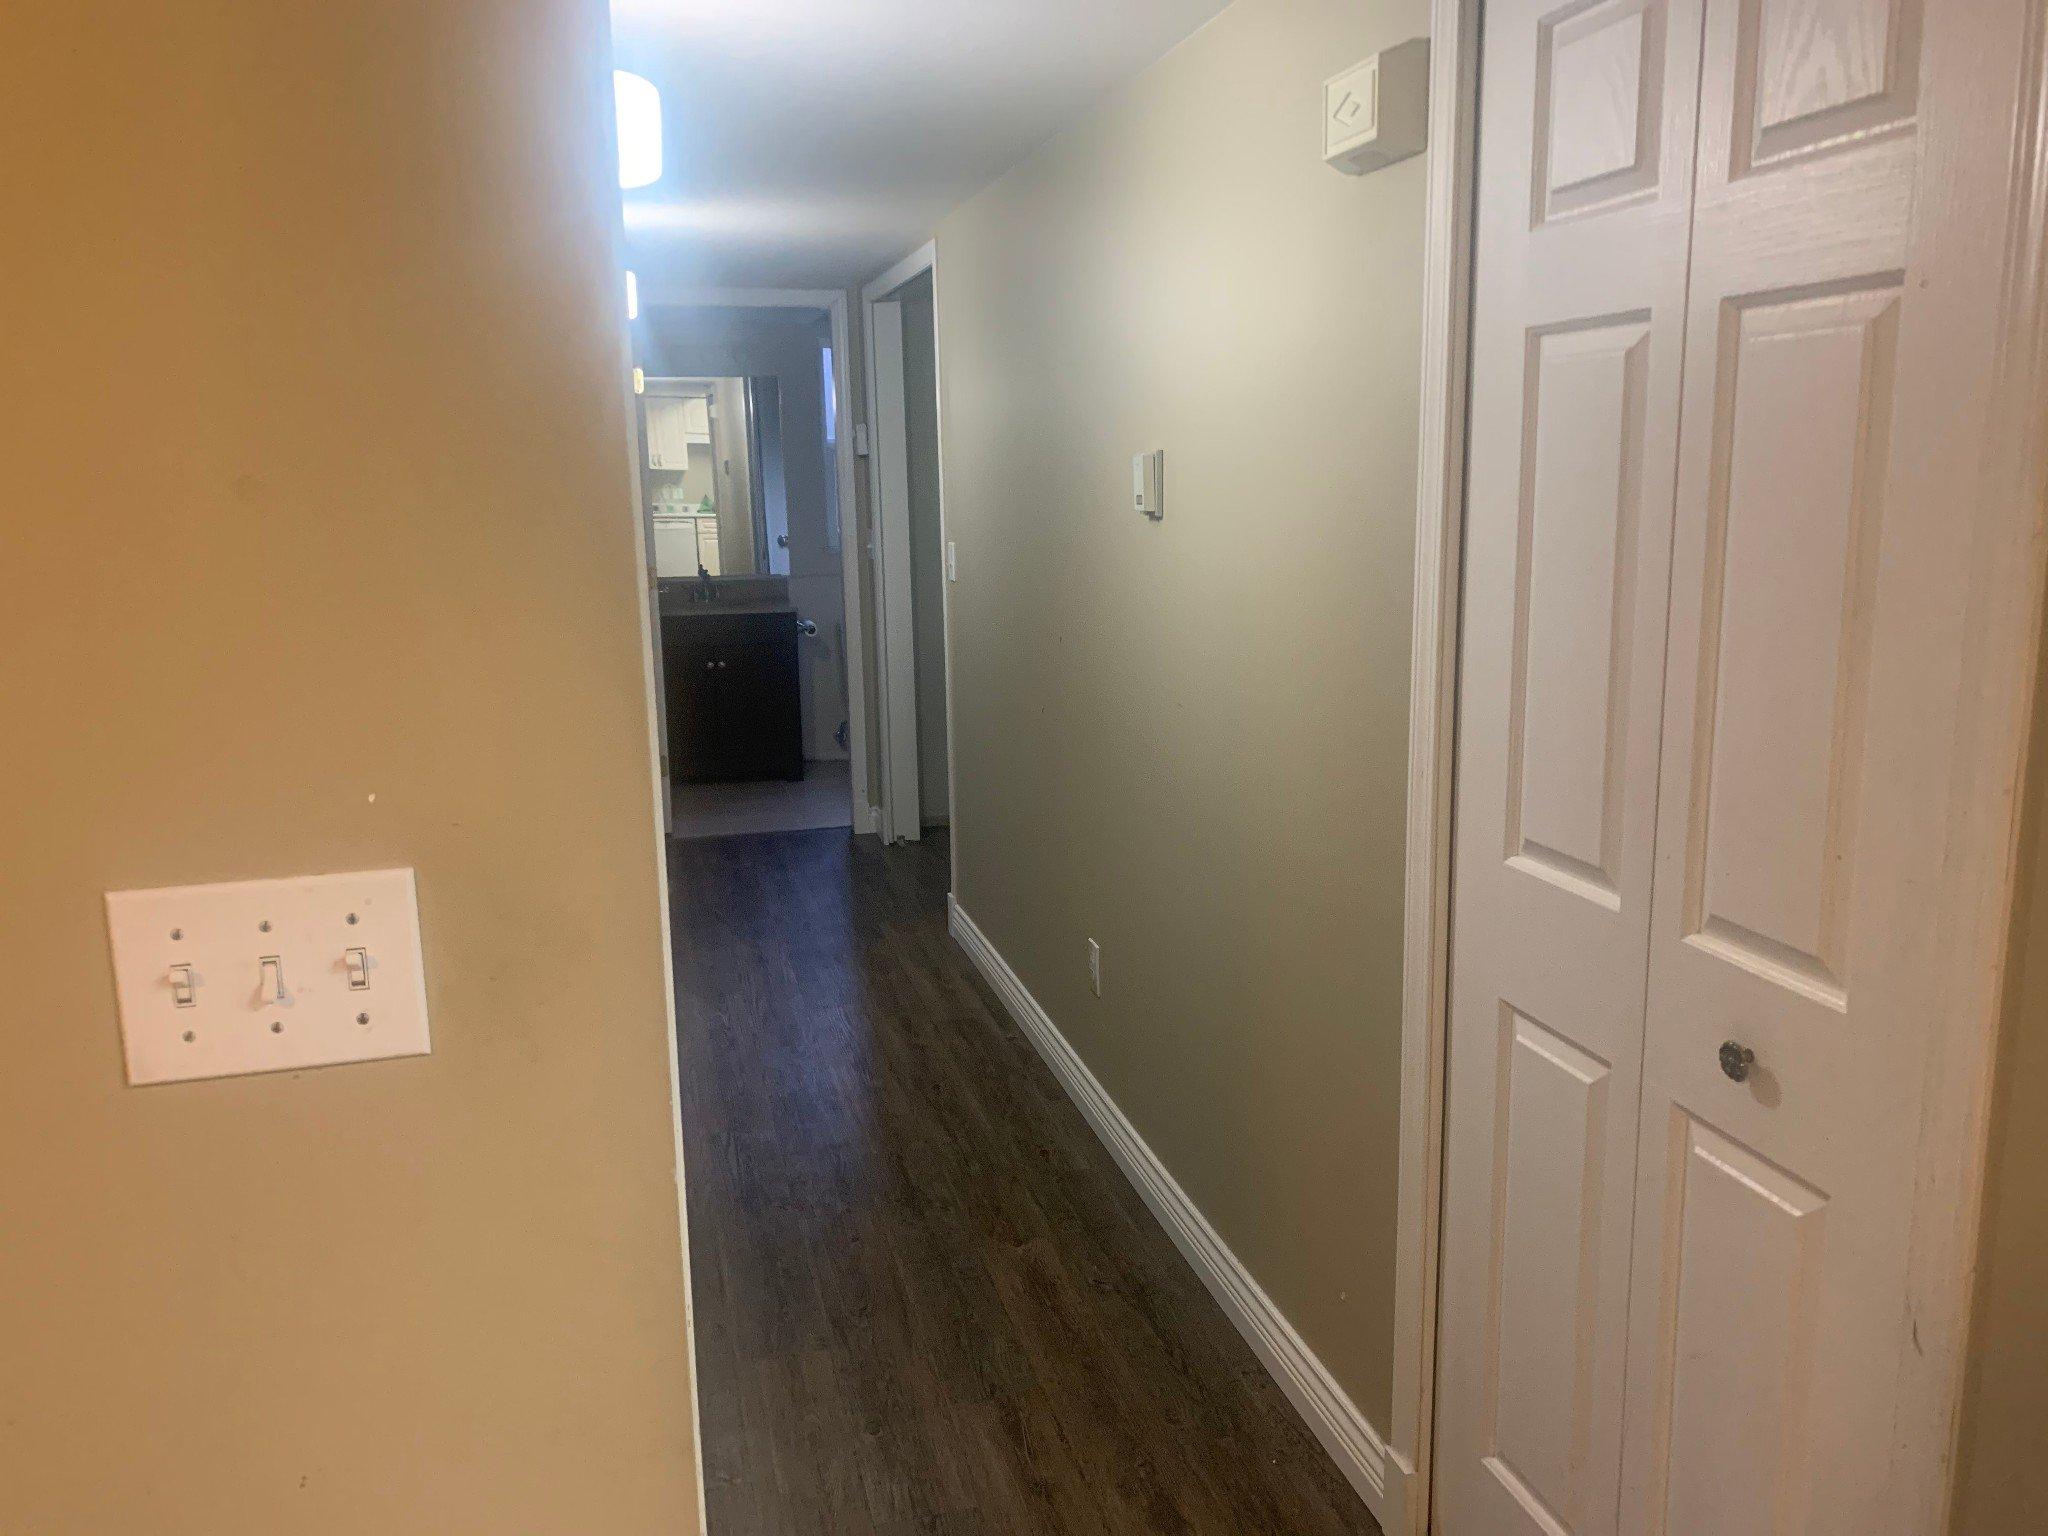 Photo 11: Photos: BSMT 1686 McKenzie Rd. in Abbotsford: Poplar Condo for rent